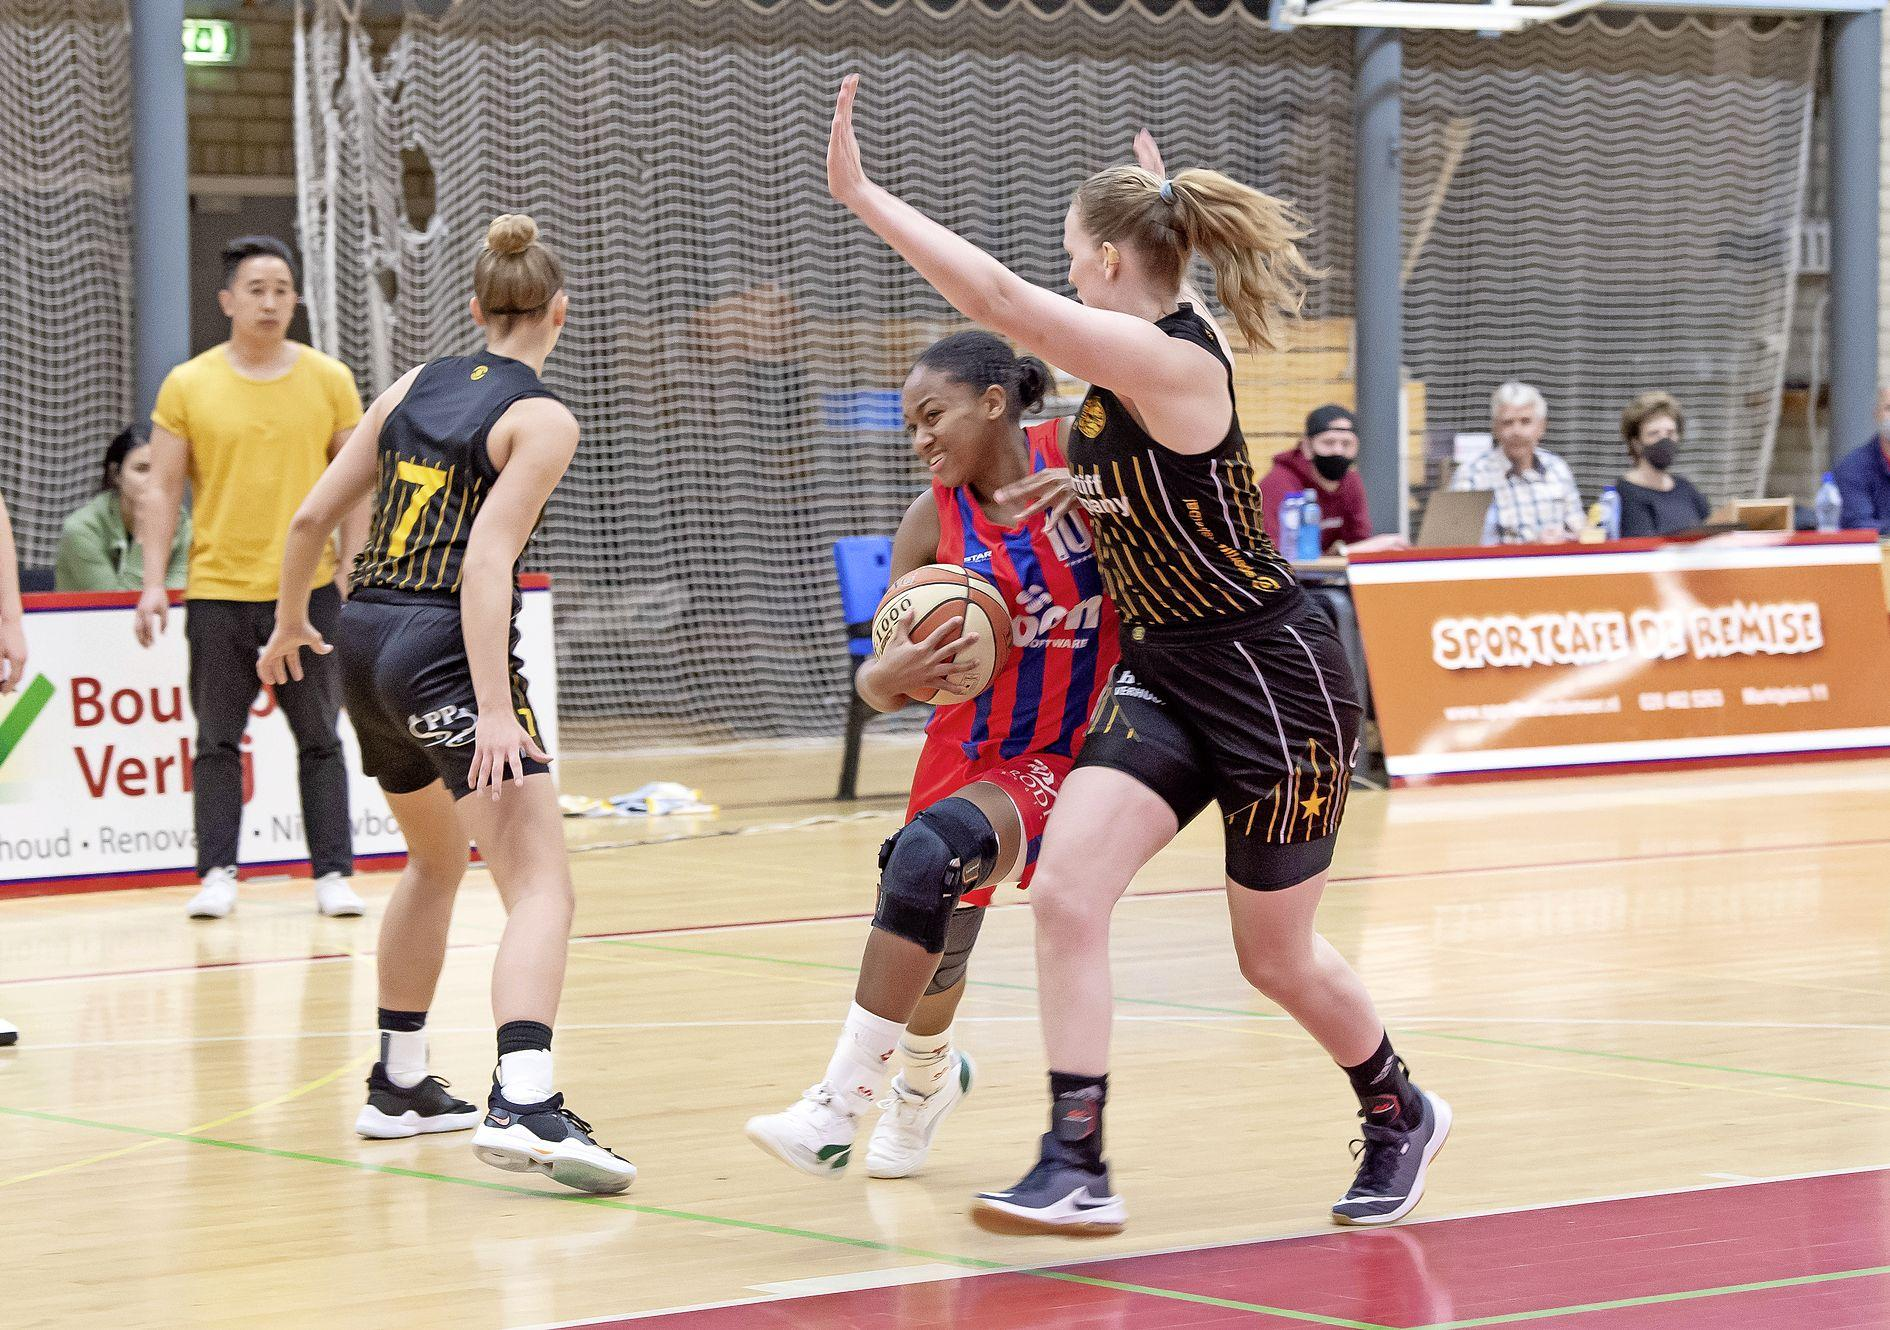 Kim vloekt, steunend op twee krukken: het is een verloren basketbaljaar voor Lions. Landsmeerse ploeg uitgeschakeld in playoffs door Grasshoppers